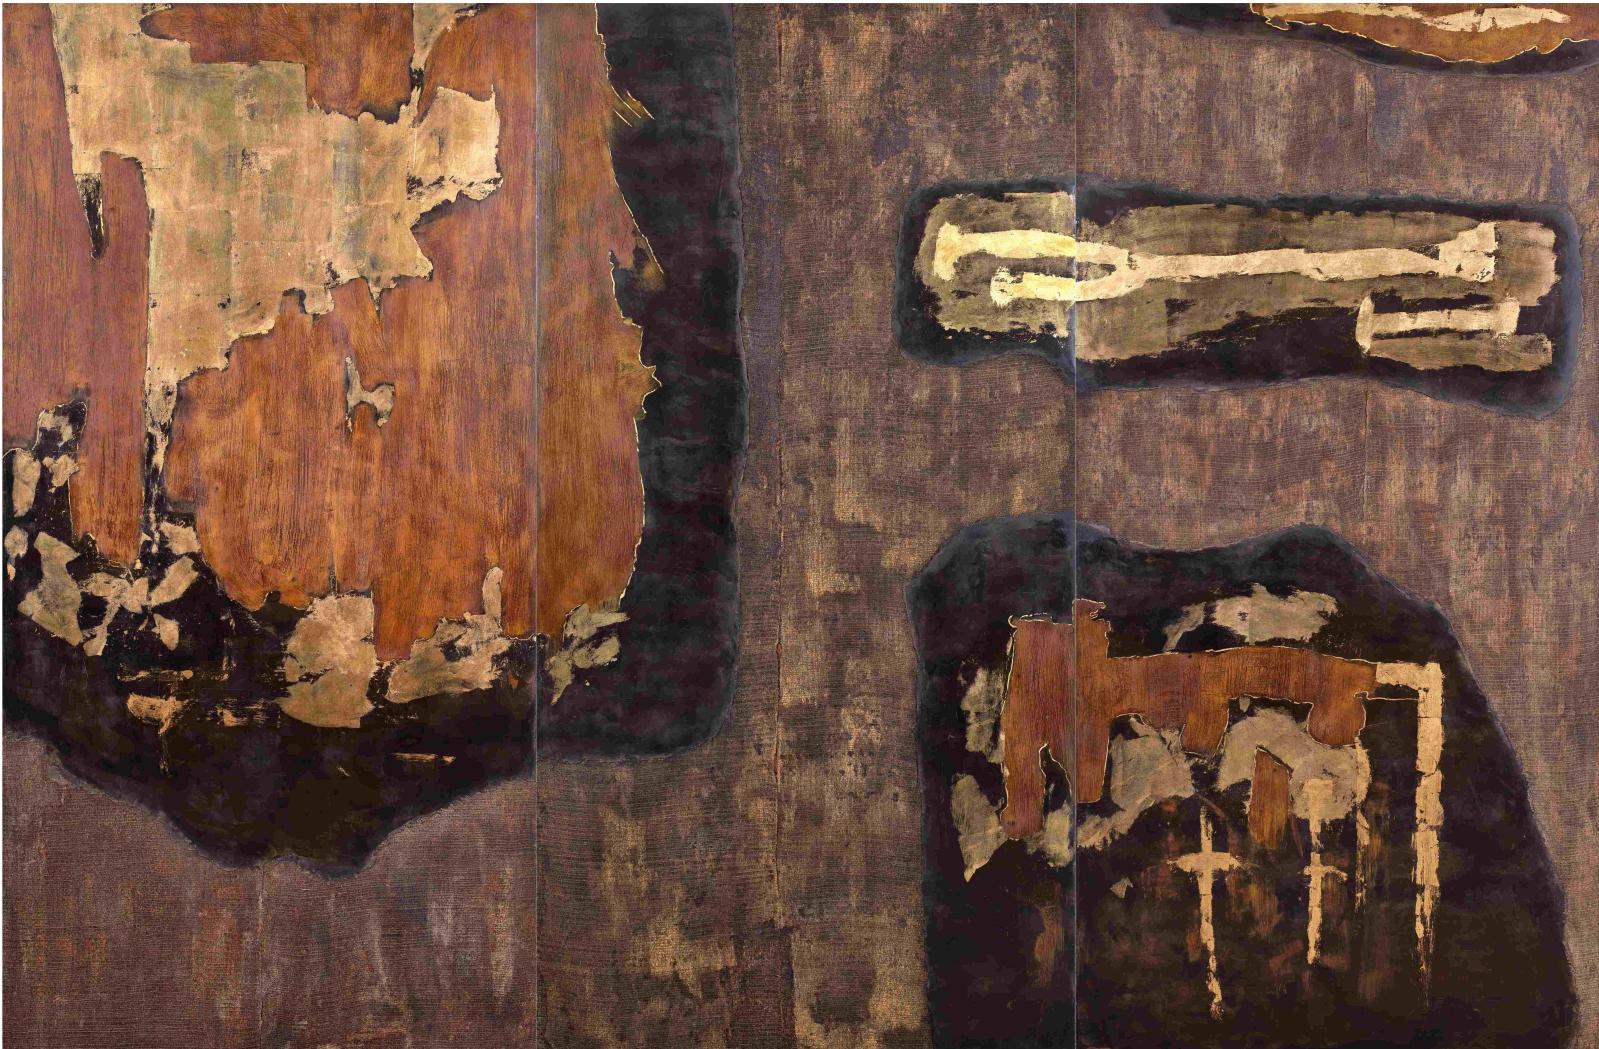 Wensen Qi(né en1977), Untitled, 2013, triptyque, laque de Chine sur panneaux,toile de lin et chanvre, feuilles de bronze oxydées, feuilles d'or, 180